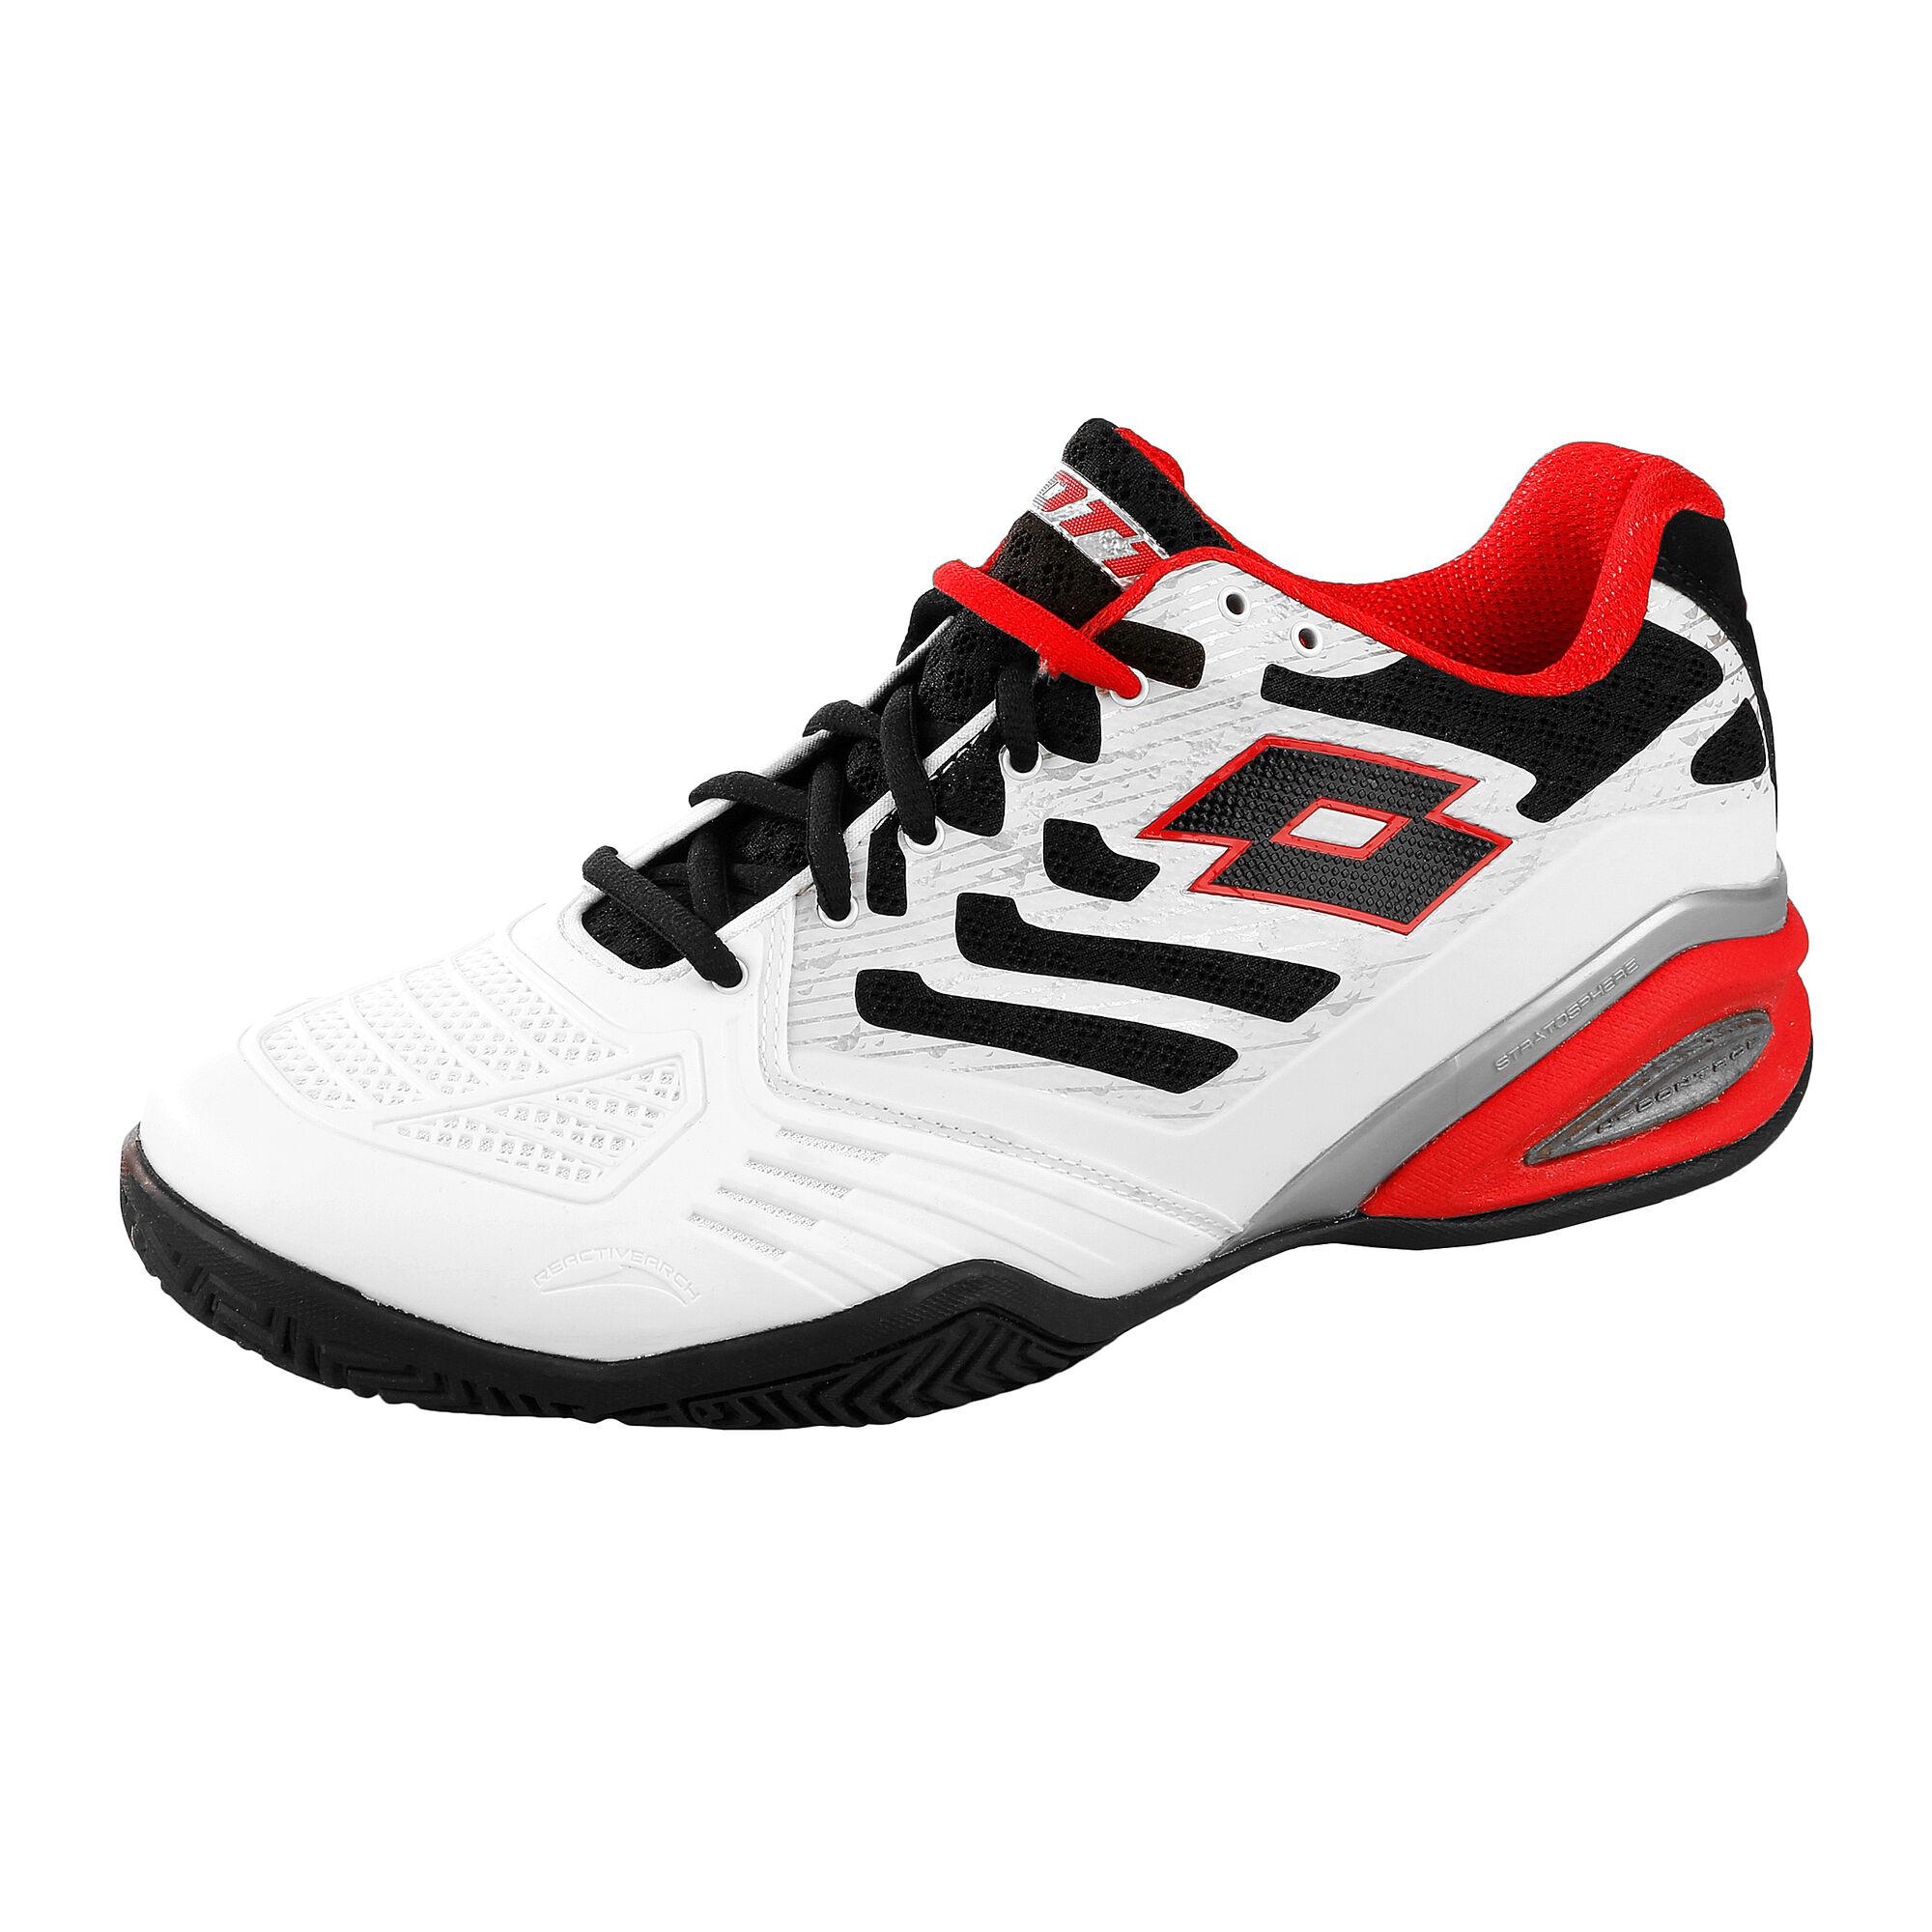 Sportovn boty a obuv Lotto Znakov zbo a vce